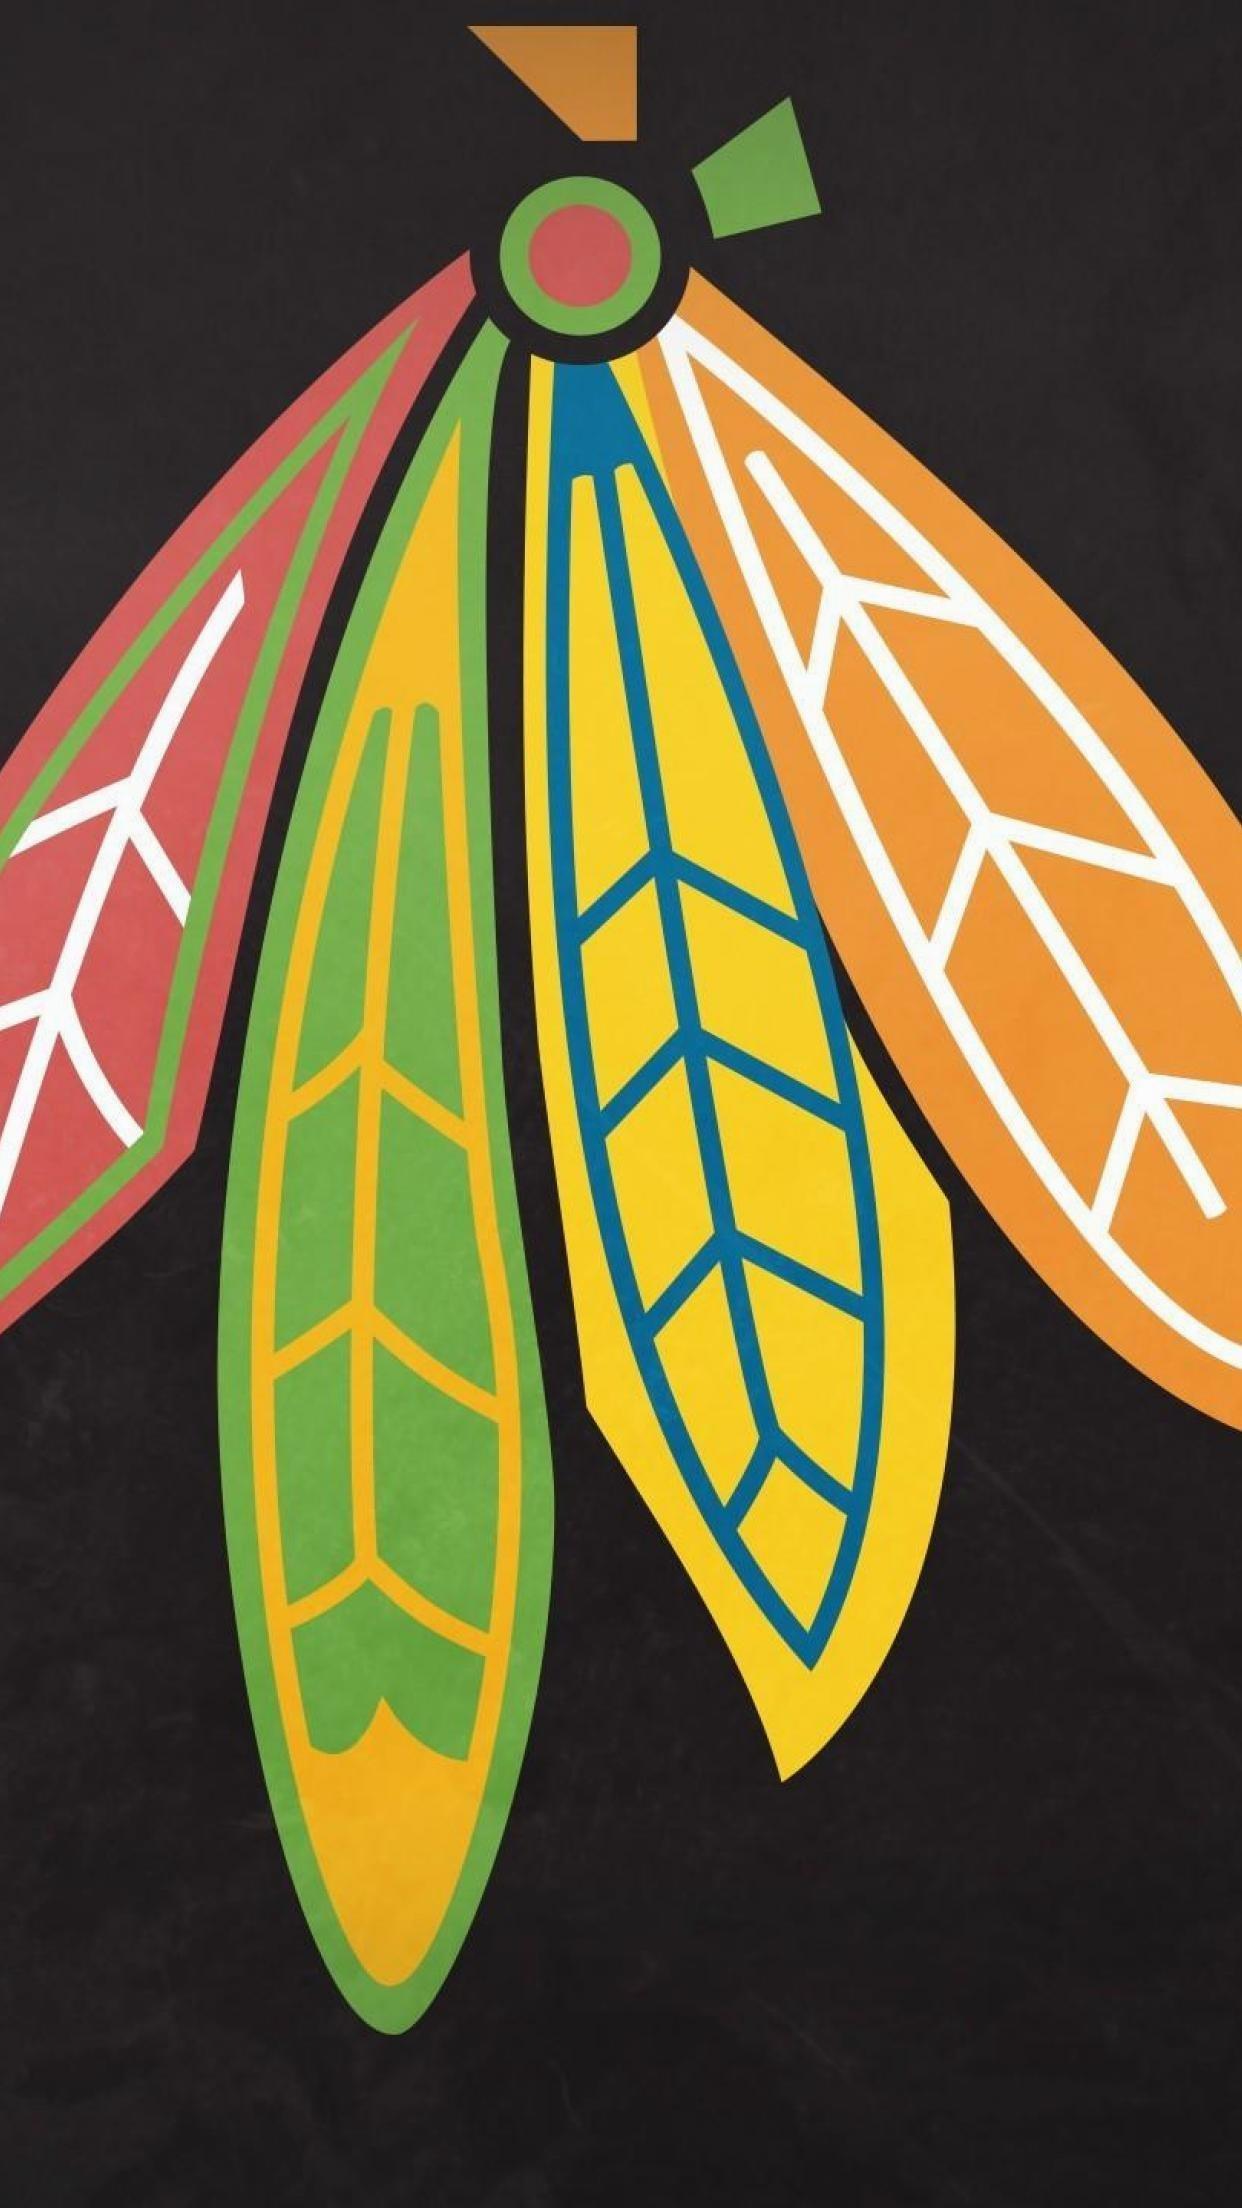 Chicago-Blackhawks-For-Iphone-wallpaper-wp4004289